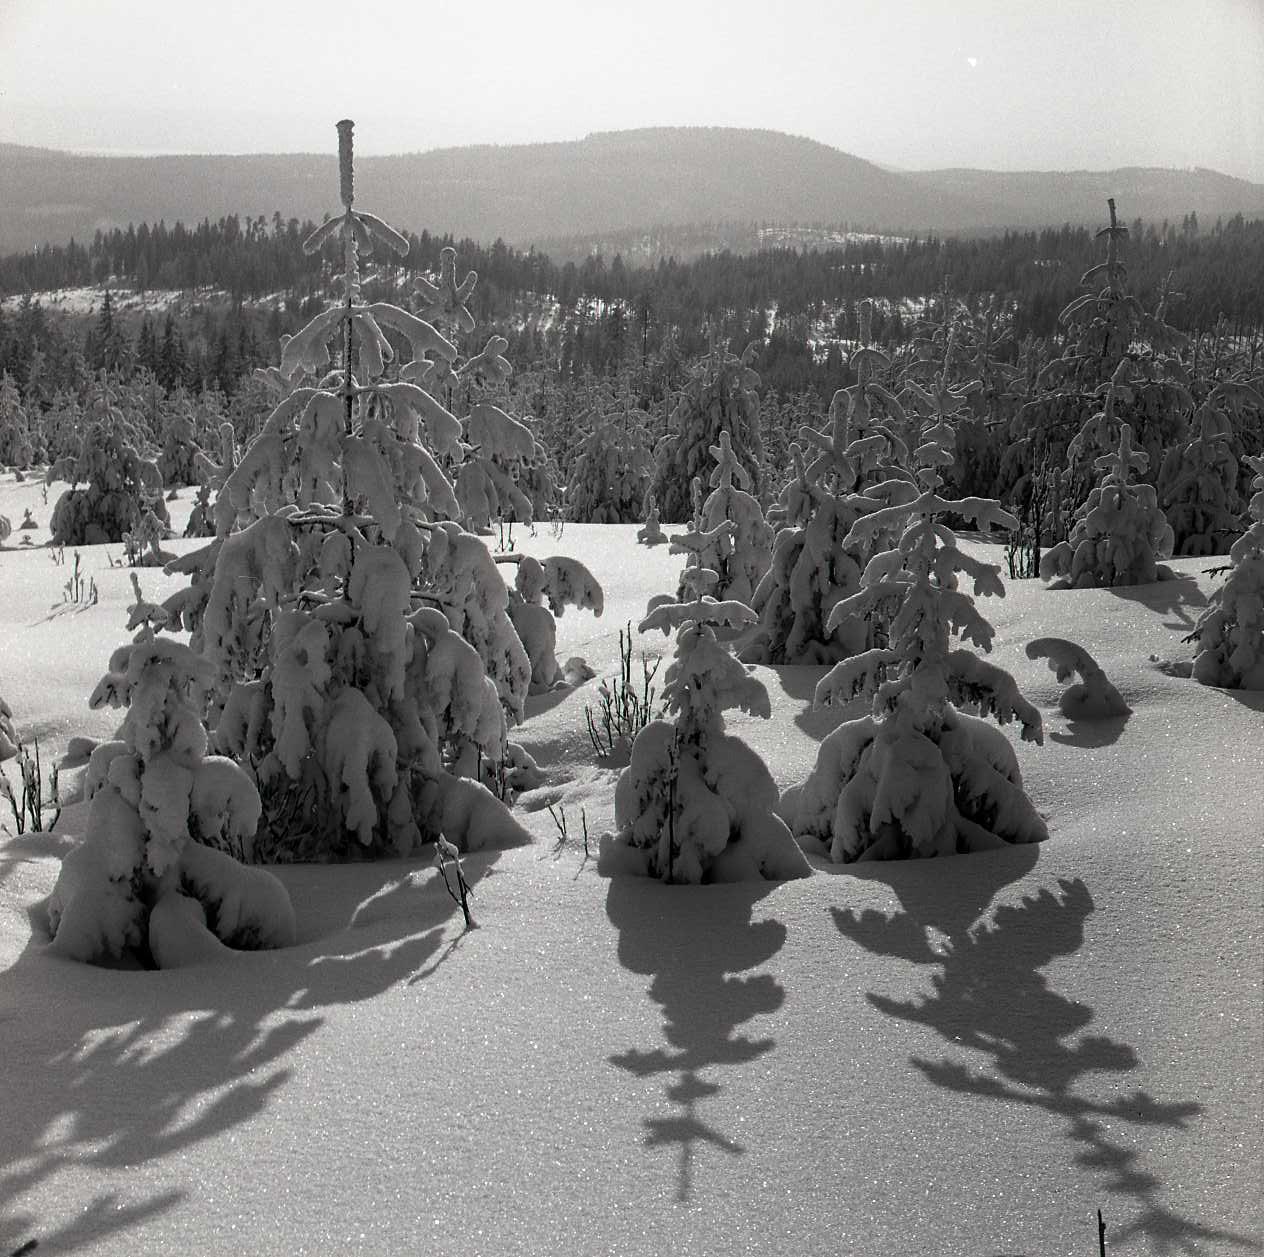 M 106 810: Mycket snö på granar, Skogberget med Gunnar Utegår´n, 22 februari 1960. Foto: Hilding Mickelsson©